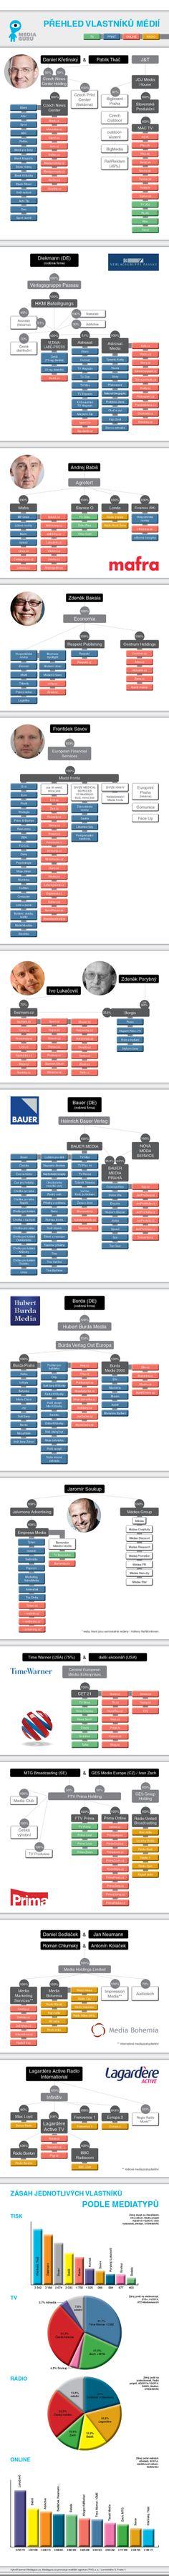 Vlastníci českých médií a jejich dosah na trhu by @MediaGuruCZ #media #infografika